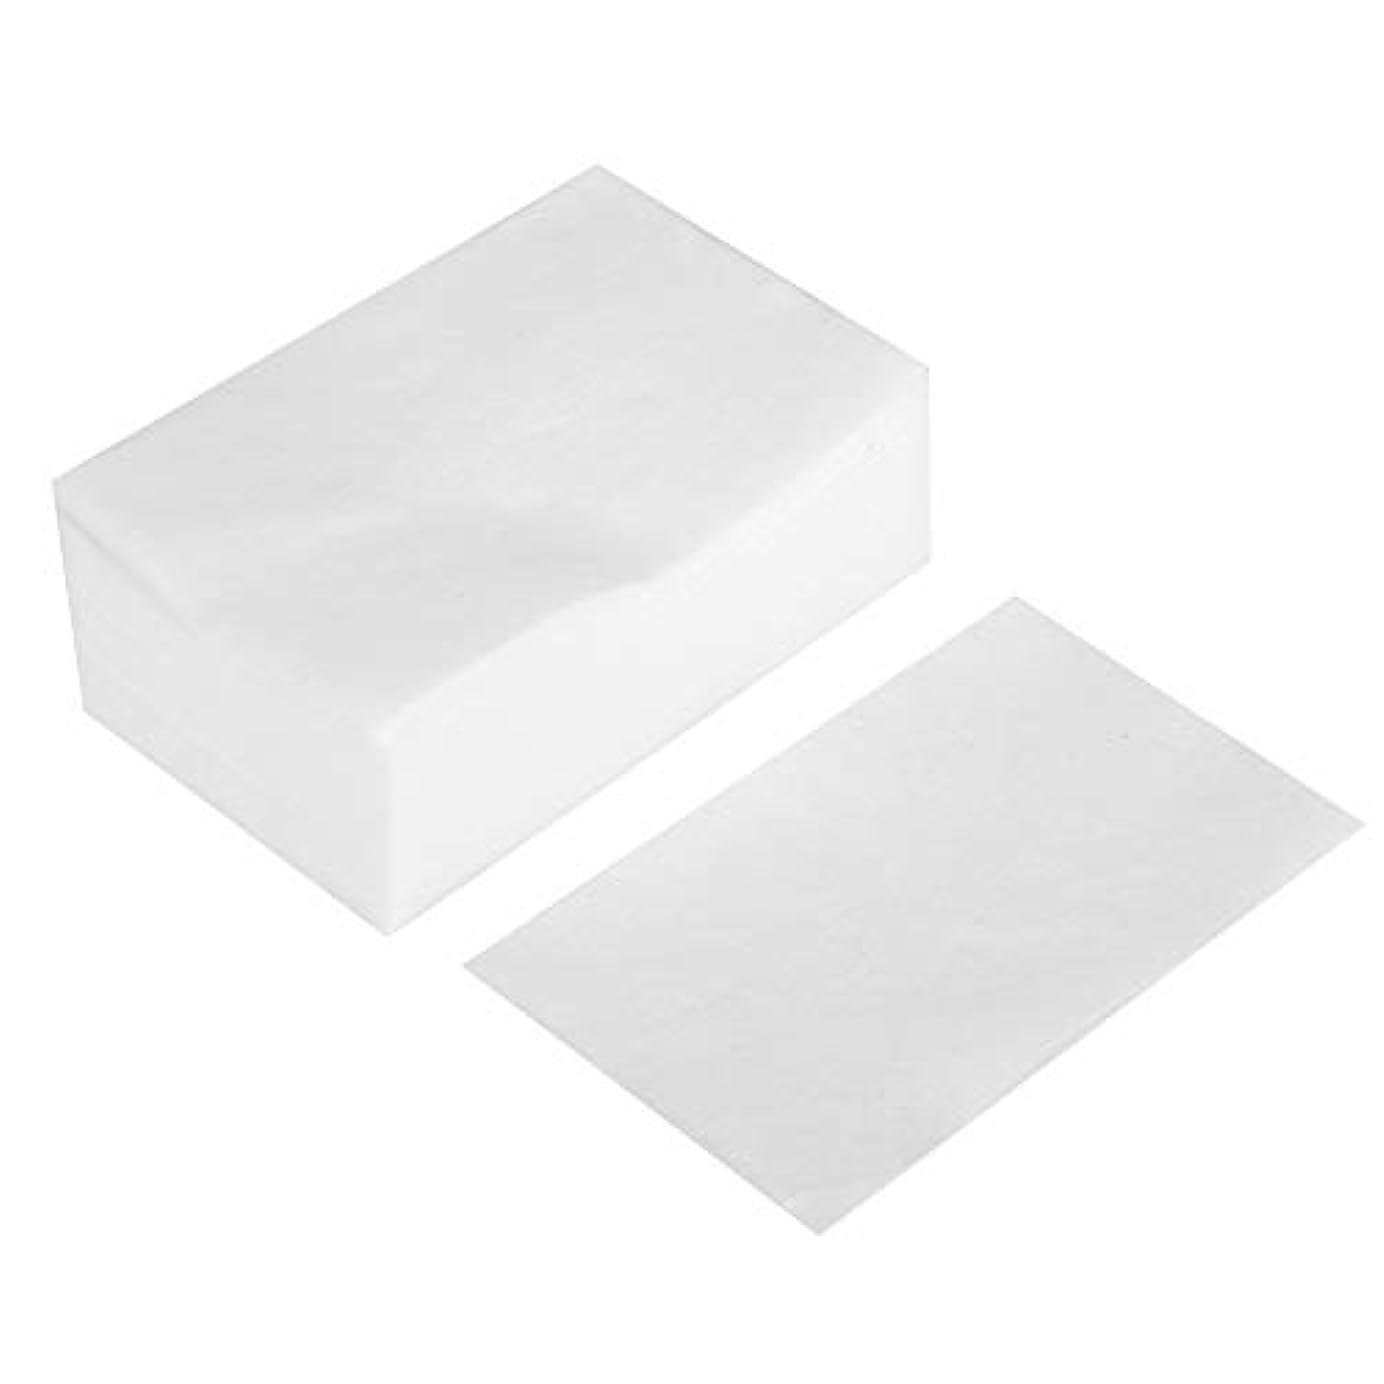 ビザ昆虫コーデリアメイク落とし - 100個/箱使い捨てメイクアップコットンパッド化粧品リムーバークリーニングワイプ